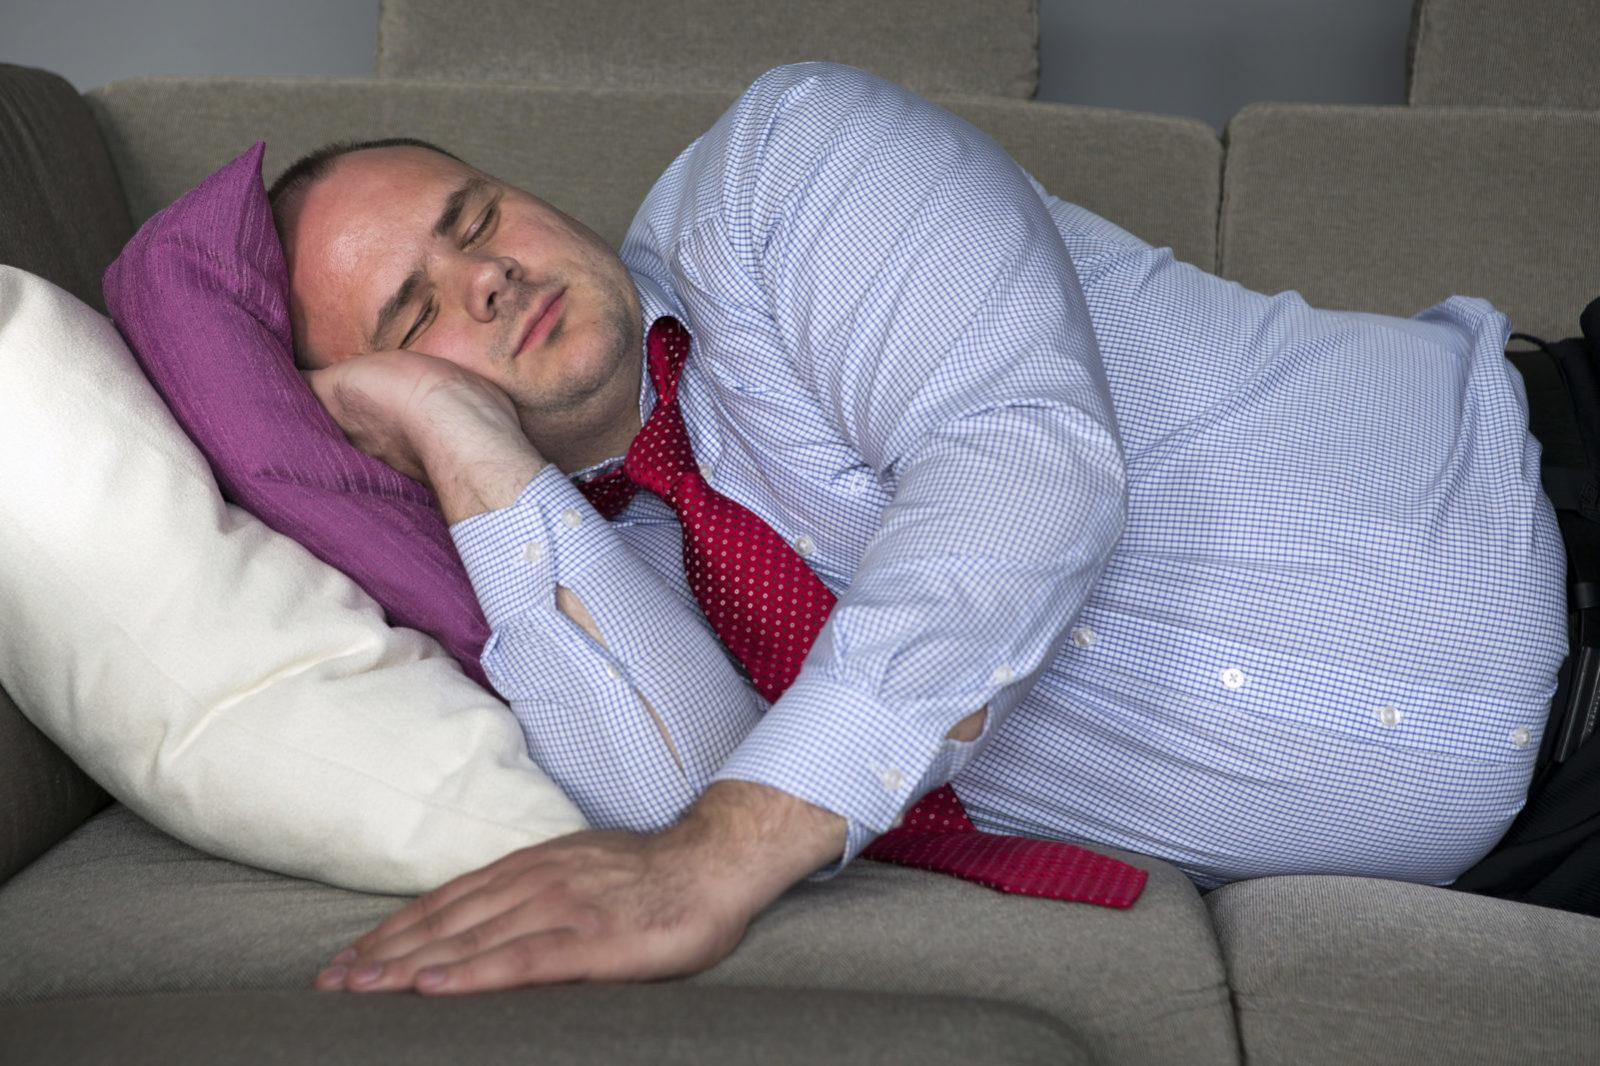 спящие на диване картинки образом